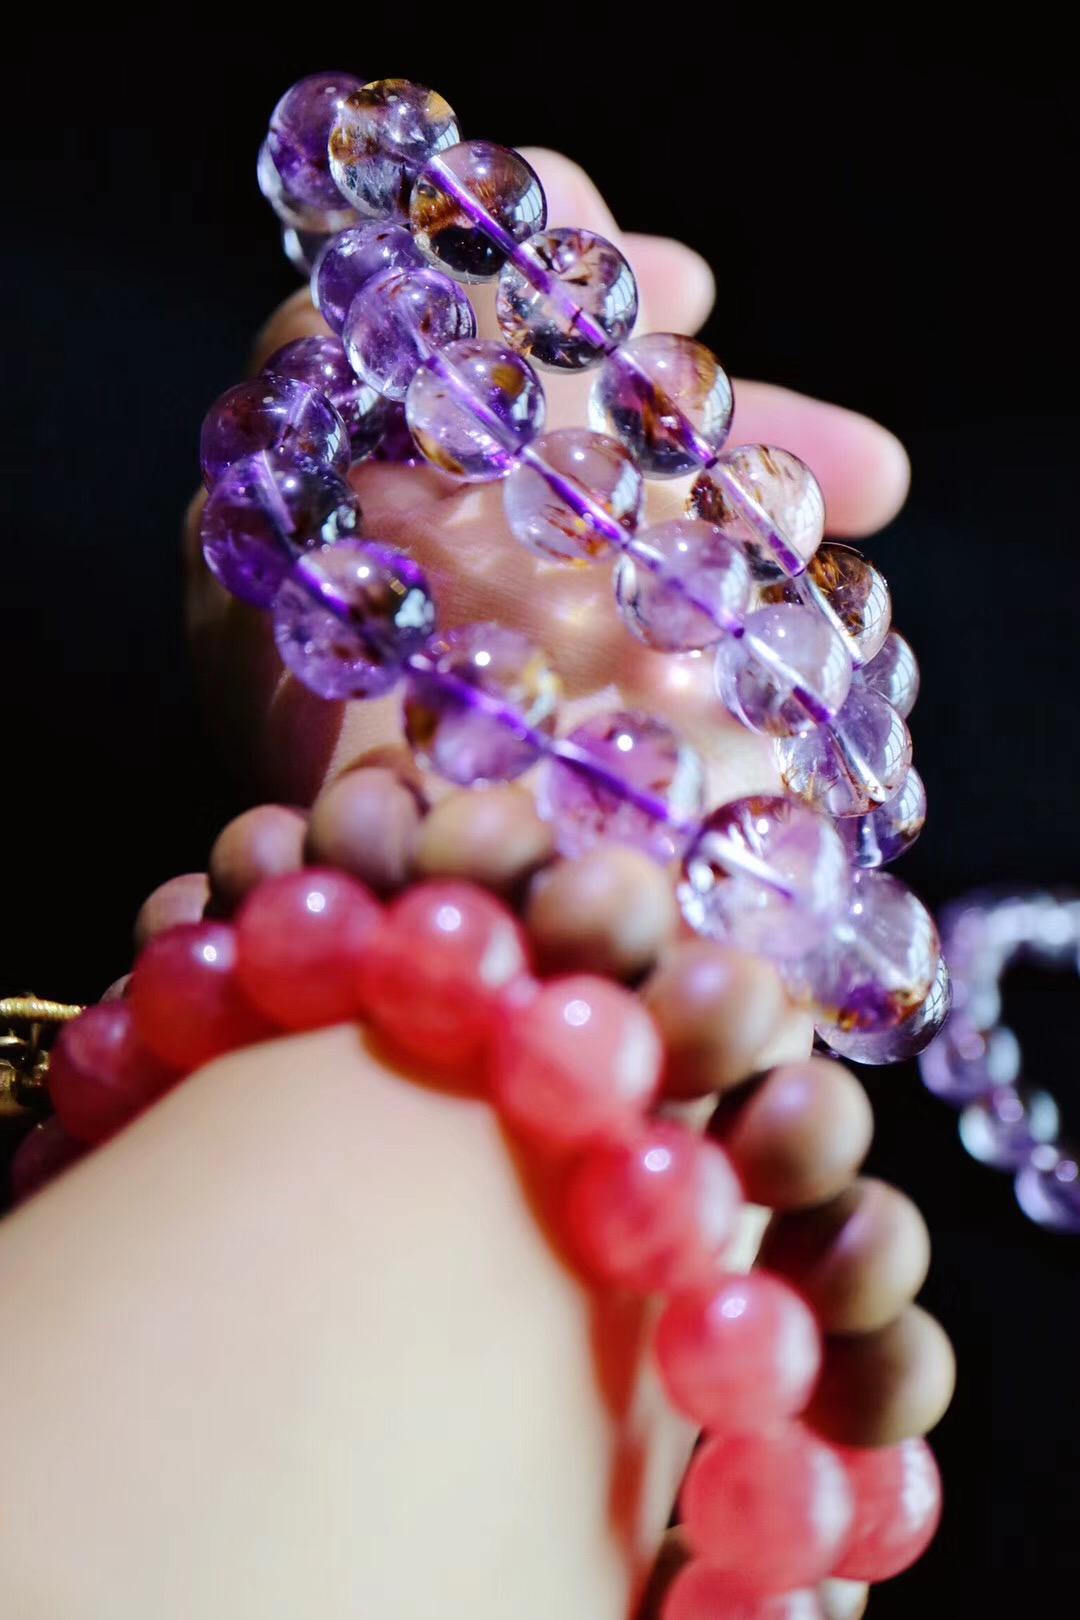 『紫钛晶』 紫钛晶,是紫水晶和钛晶的伴生矿-菩心晶舍